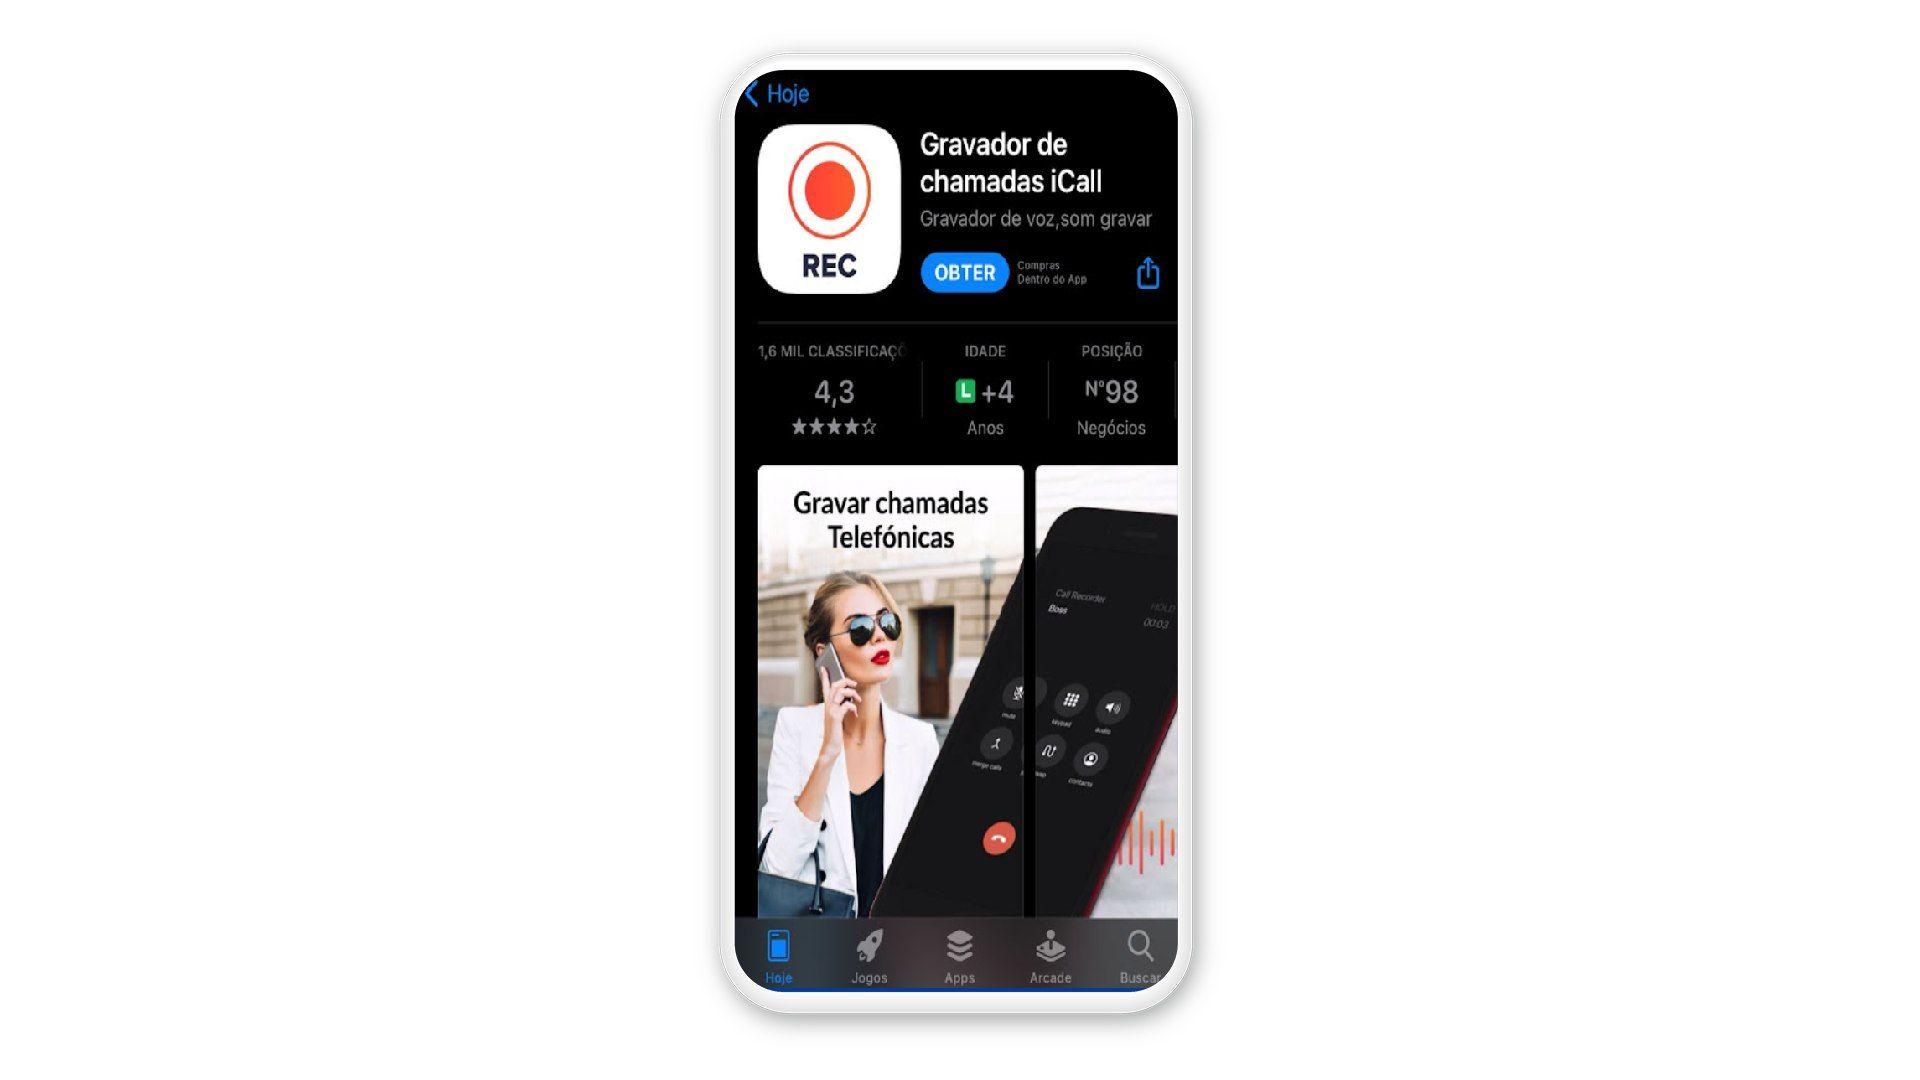 Tela do iPhone com App Store aberta no aplicativo iCall